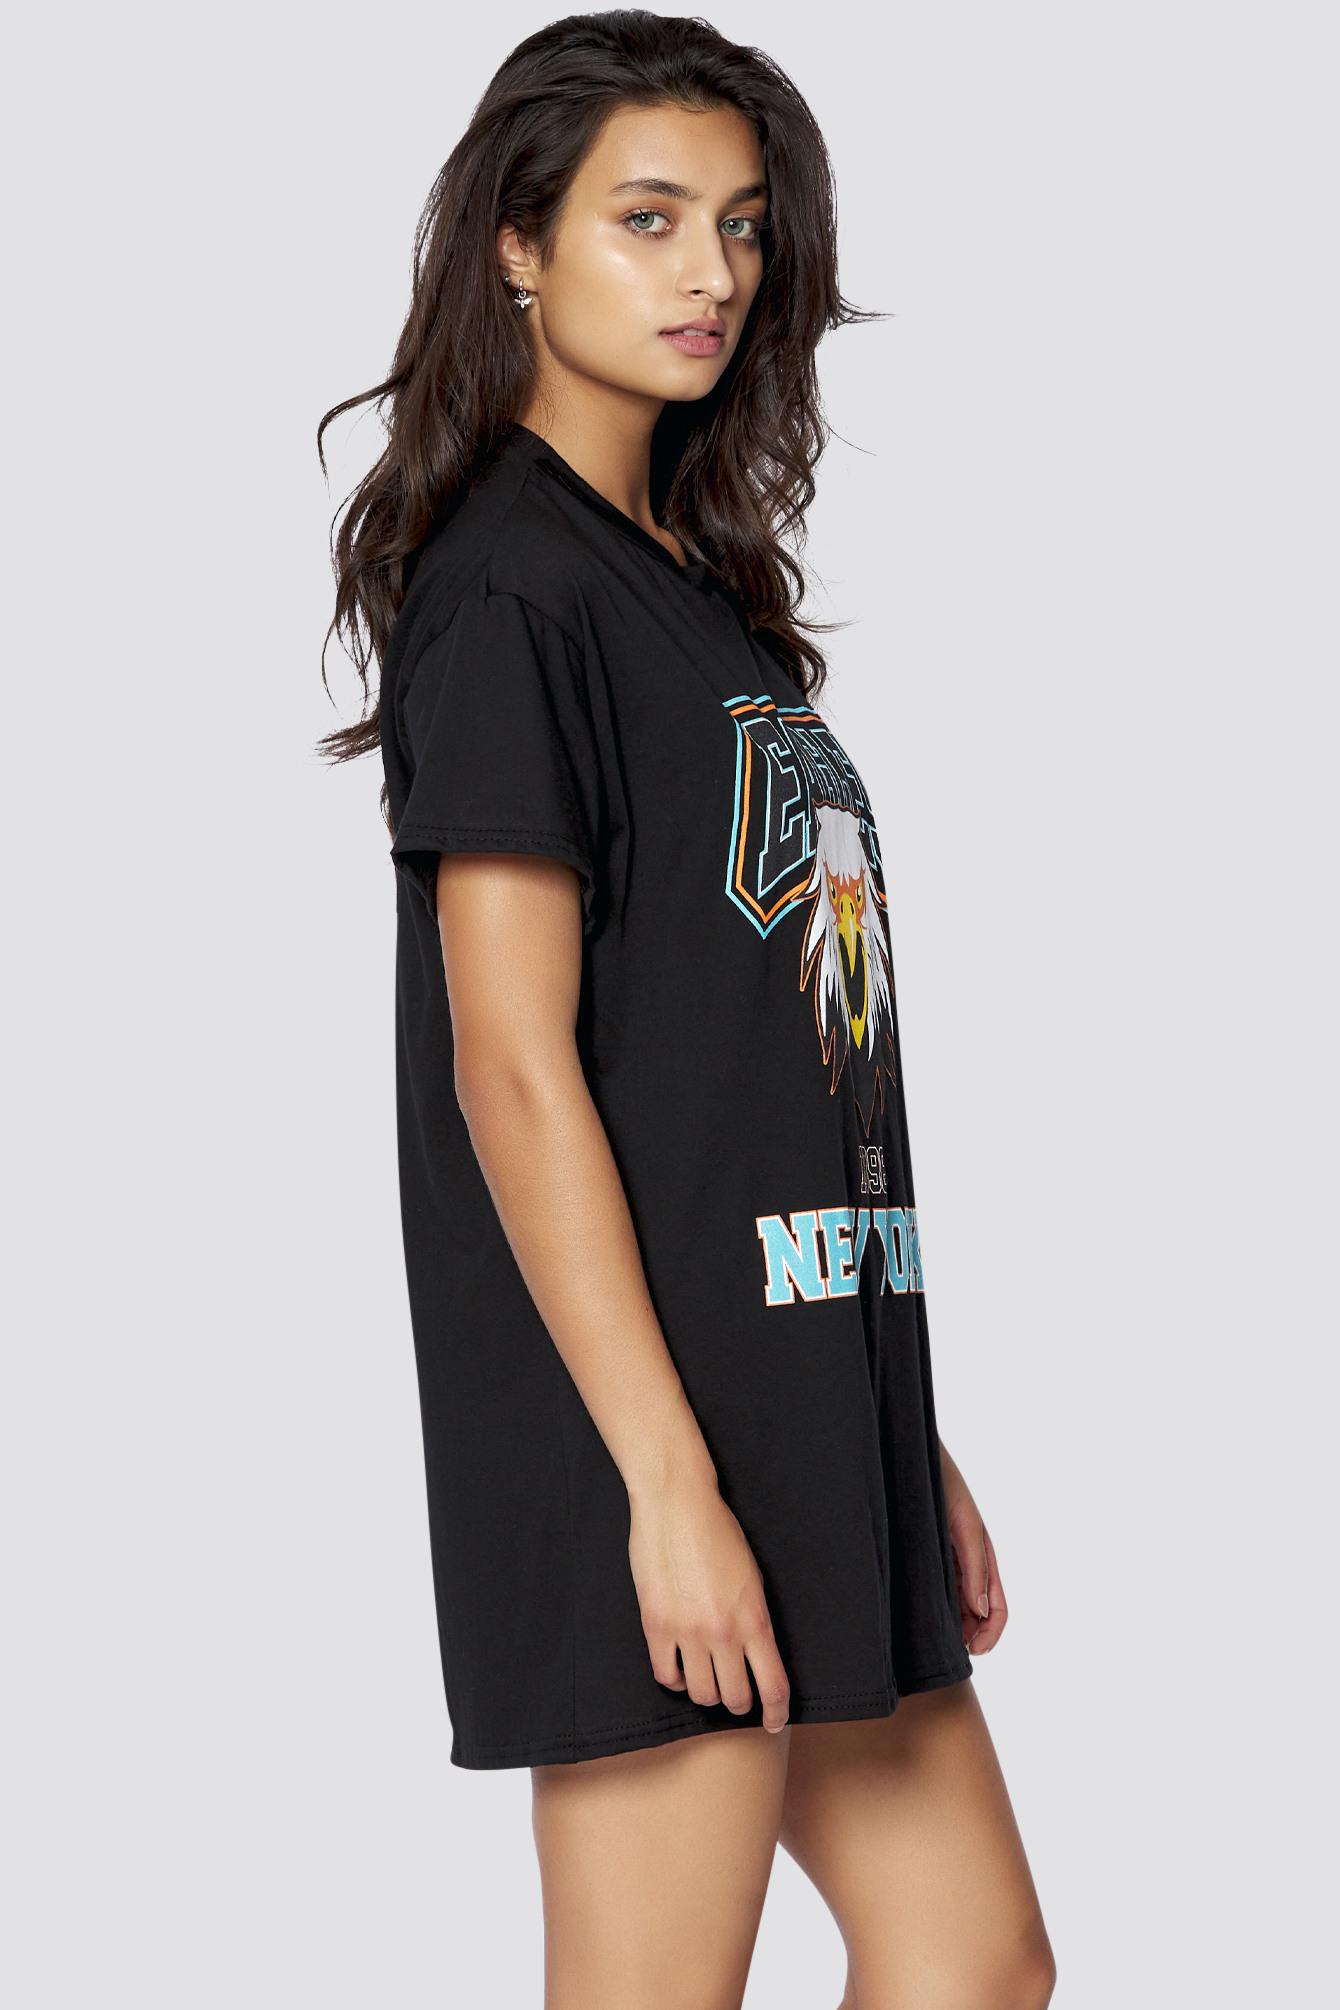 Freshlionstshirtkleid Mit Aufdruck In Schwarz